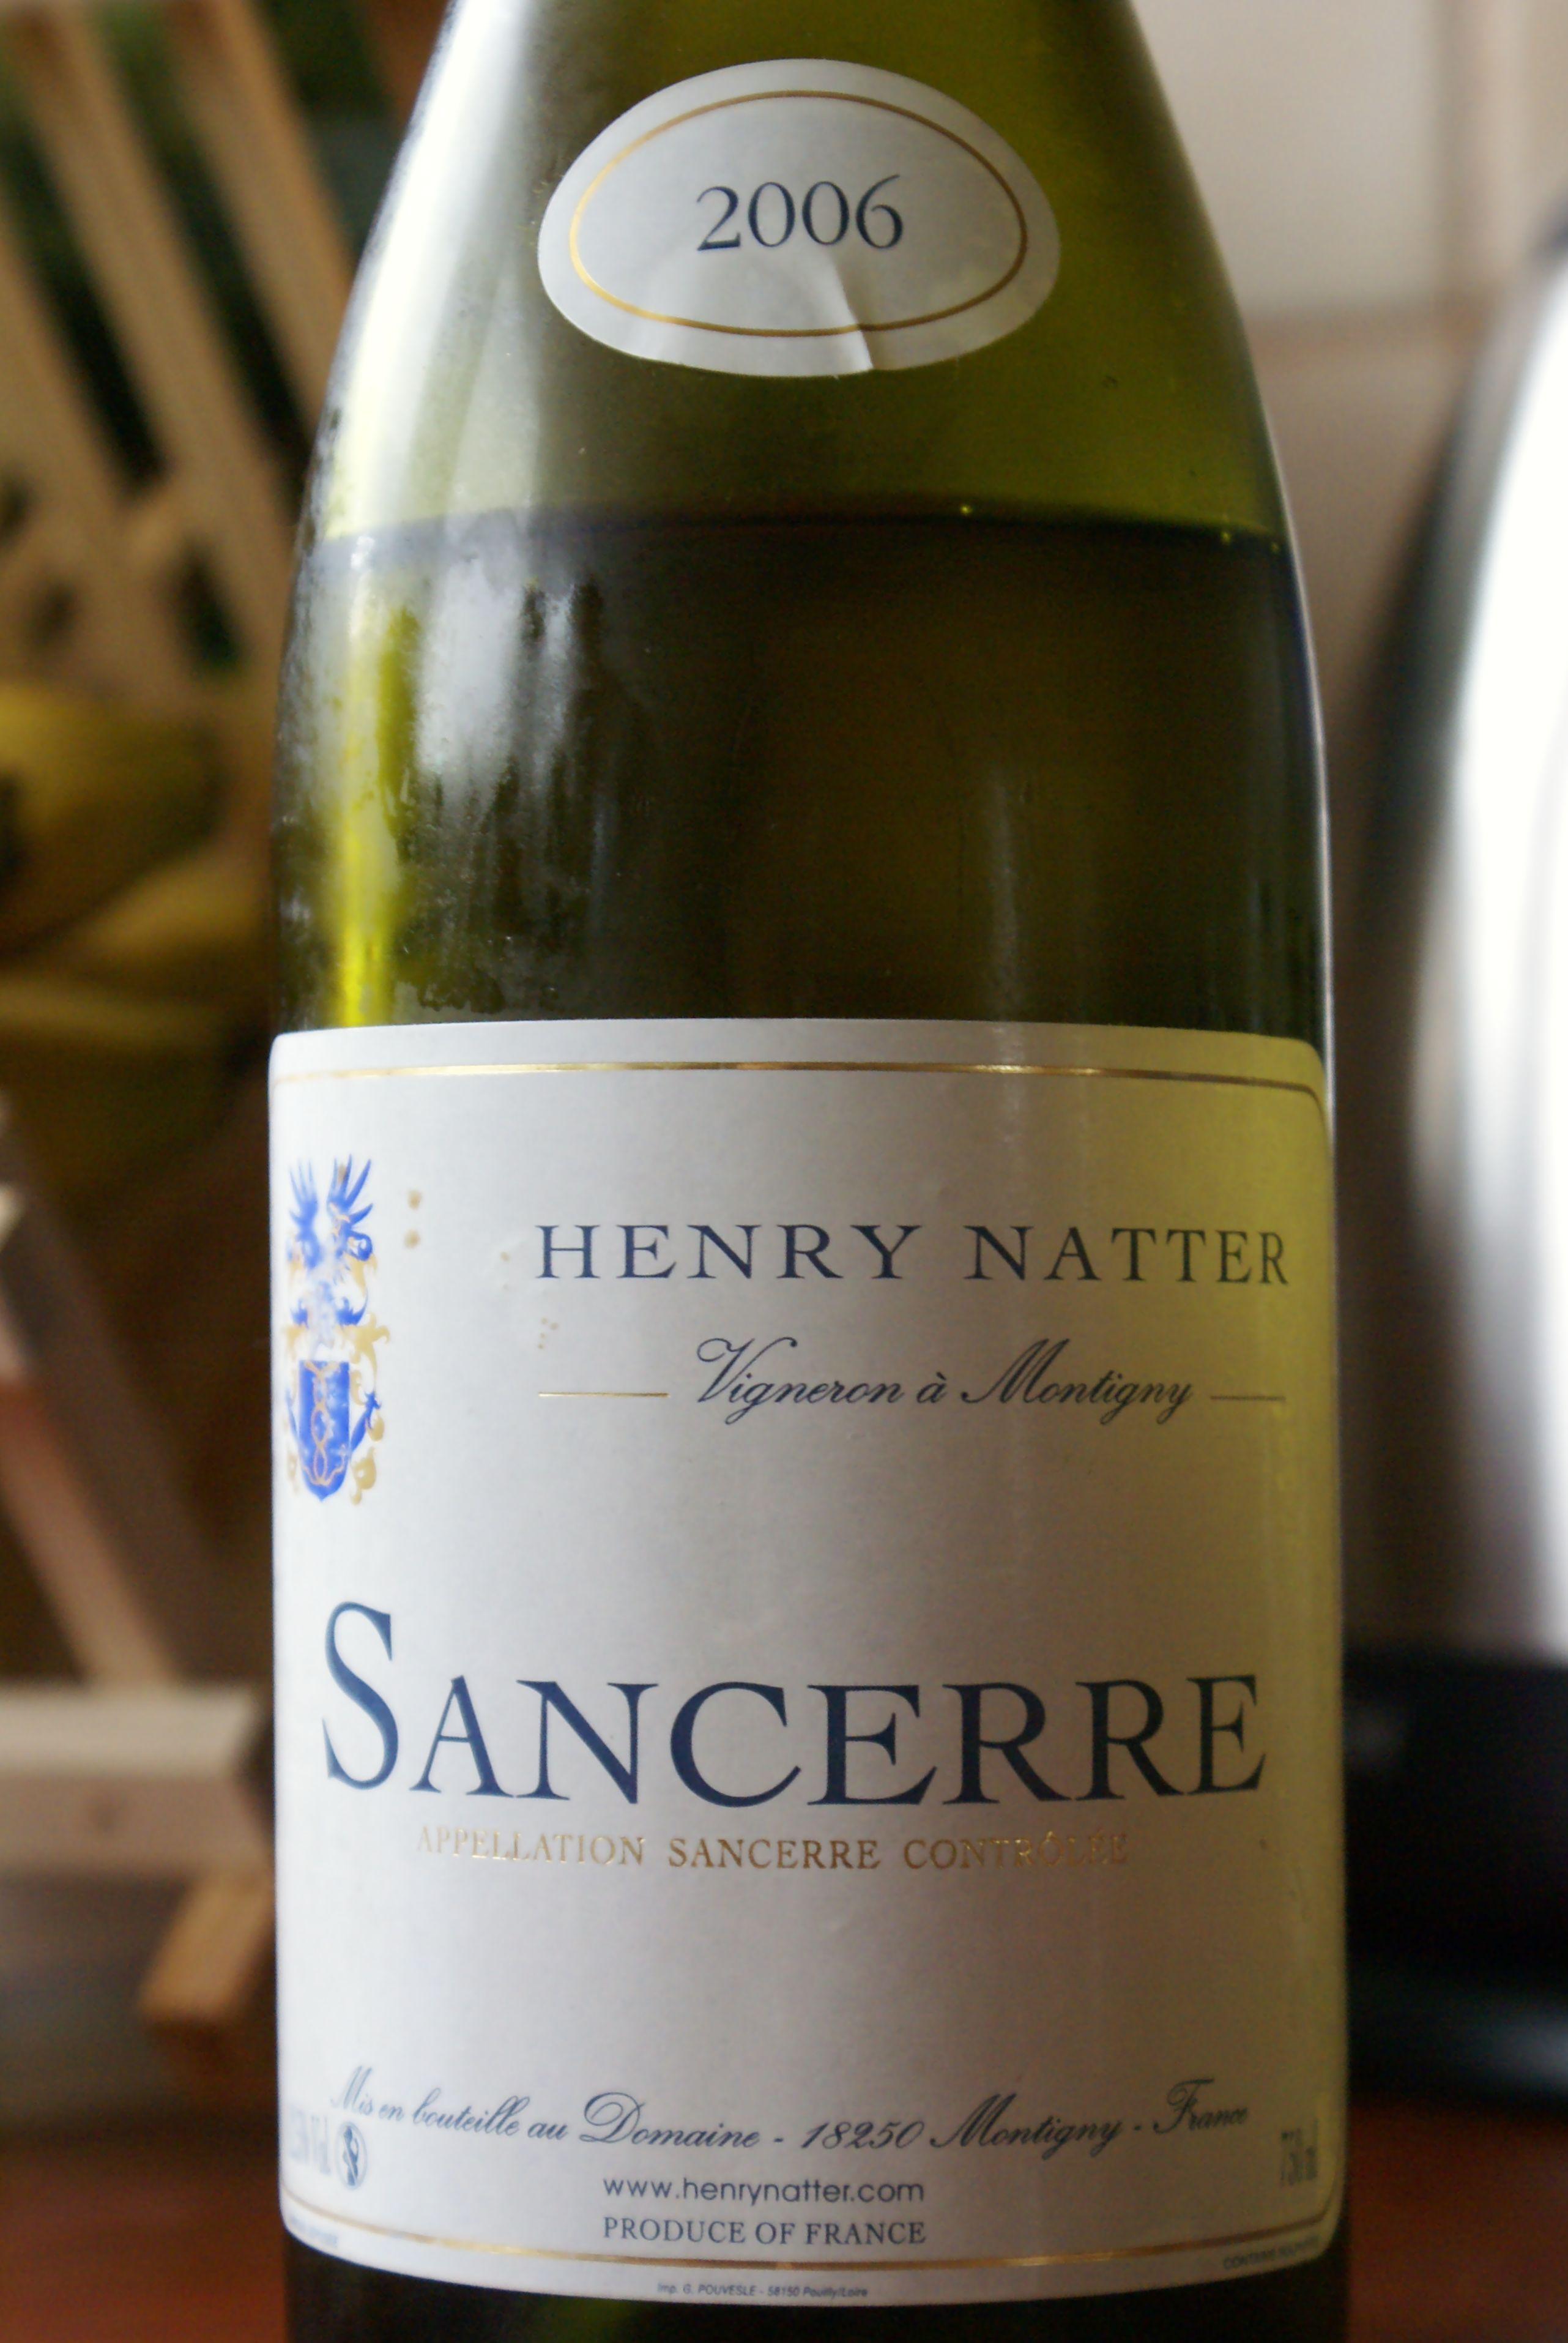 Henry Natter Sancerre 2006